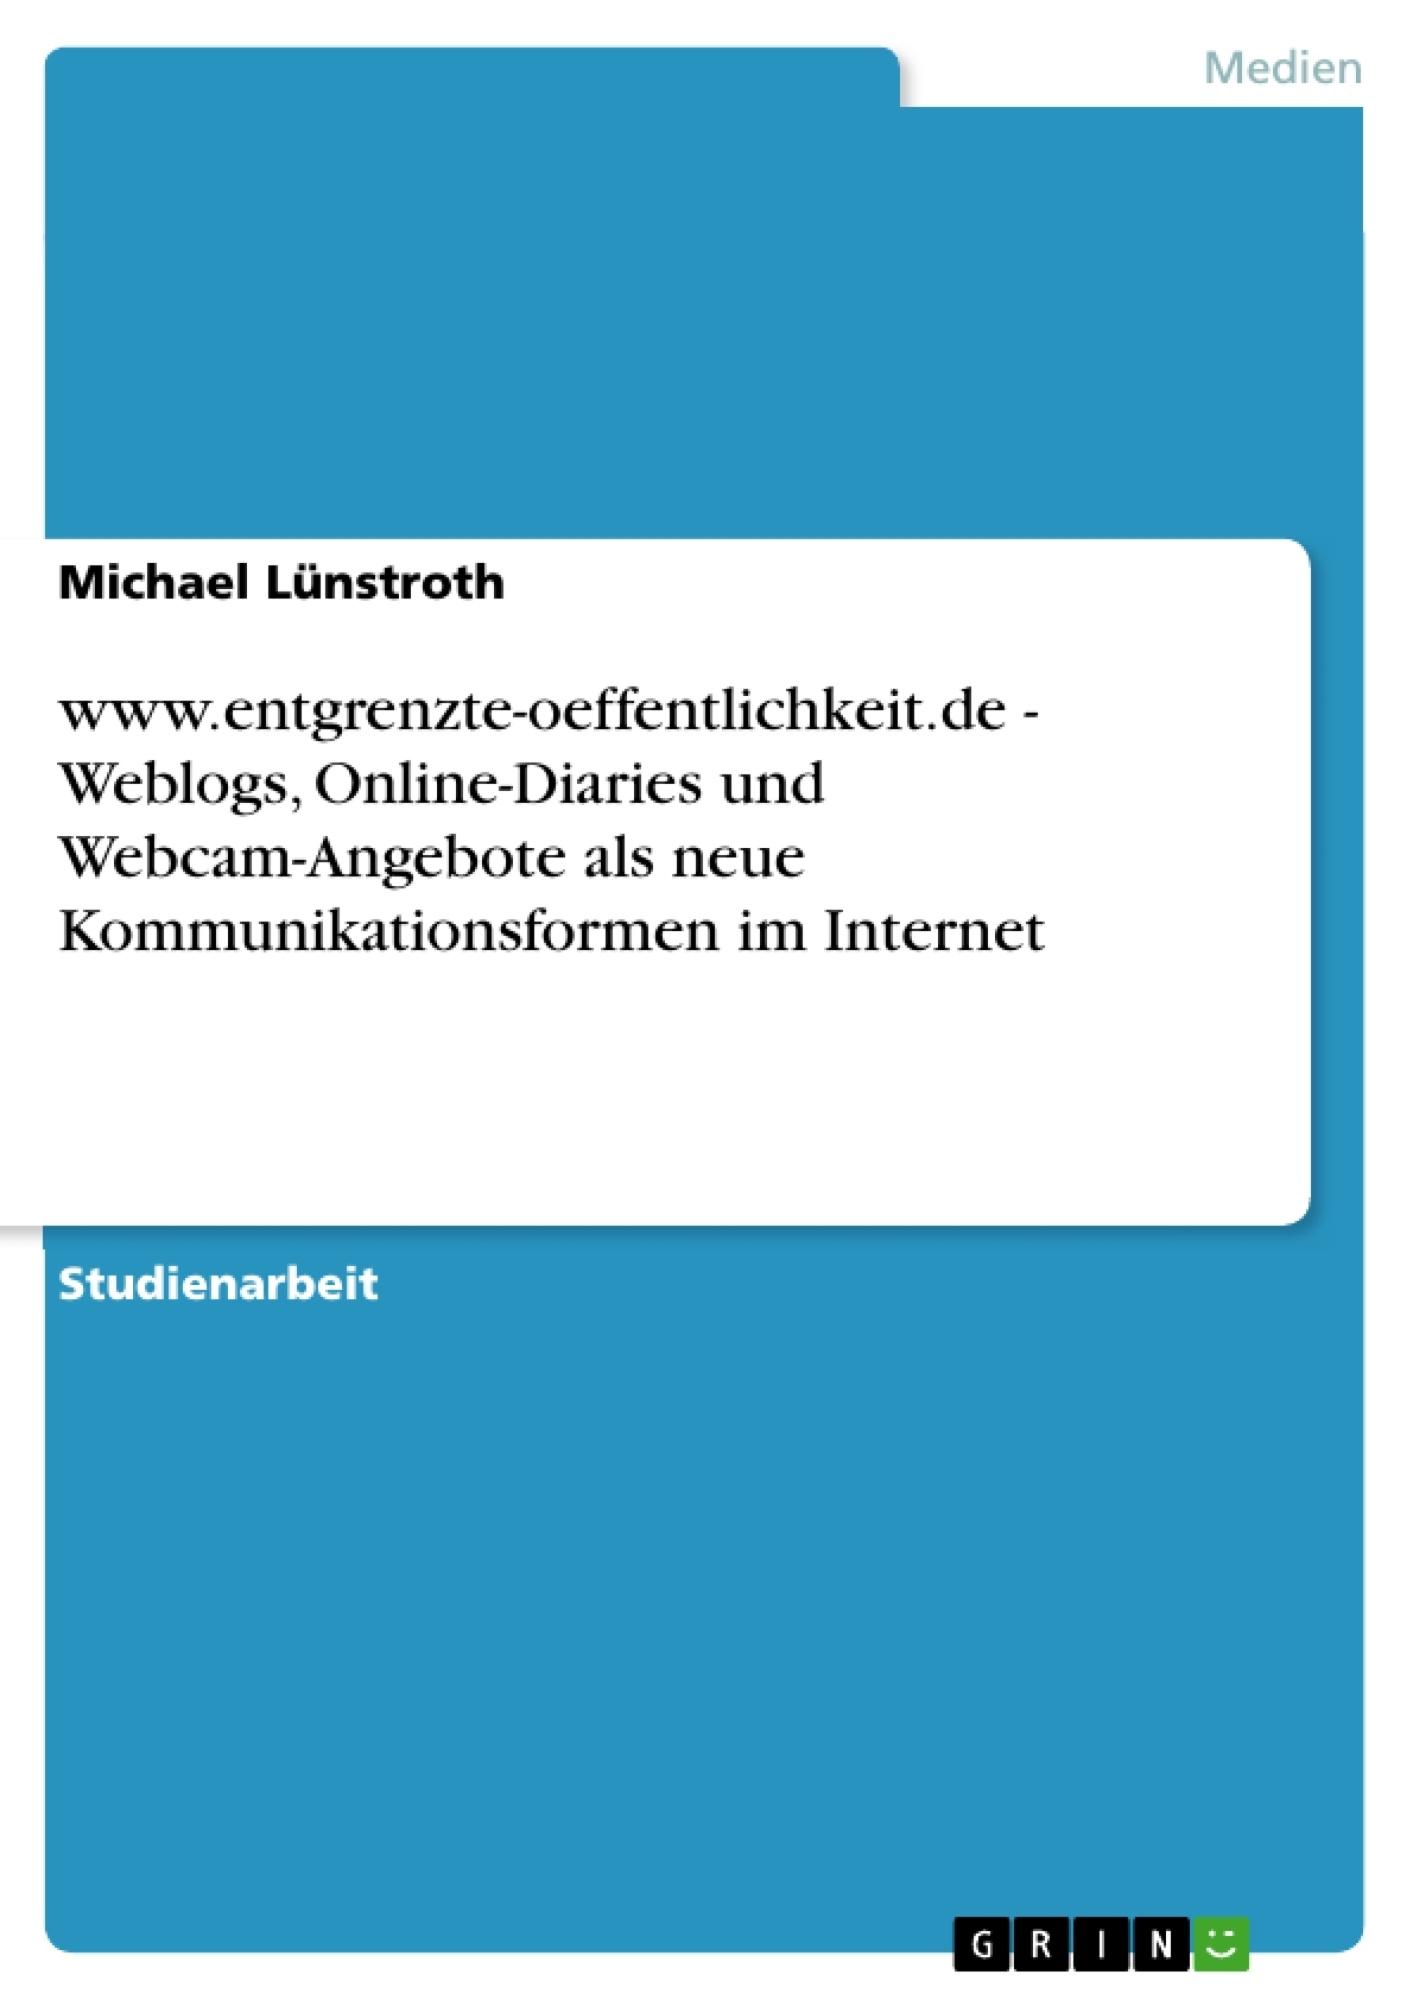 Titel: www.entgrenzte-oeffentlichkeit.de - Weblogs, Online-Diaries und Webcam-Angebote als neue Kommunikationsformen im Internet